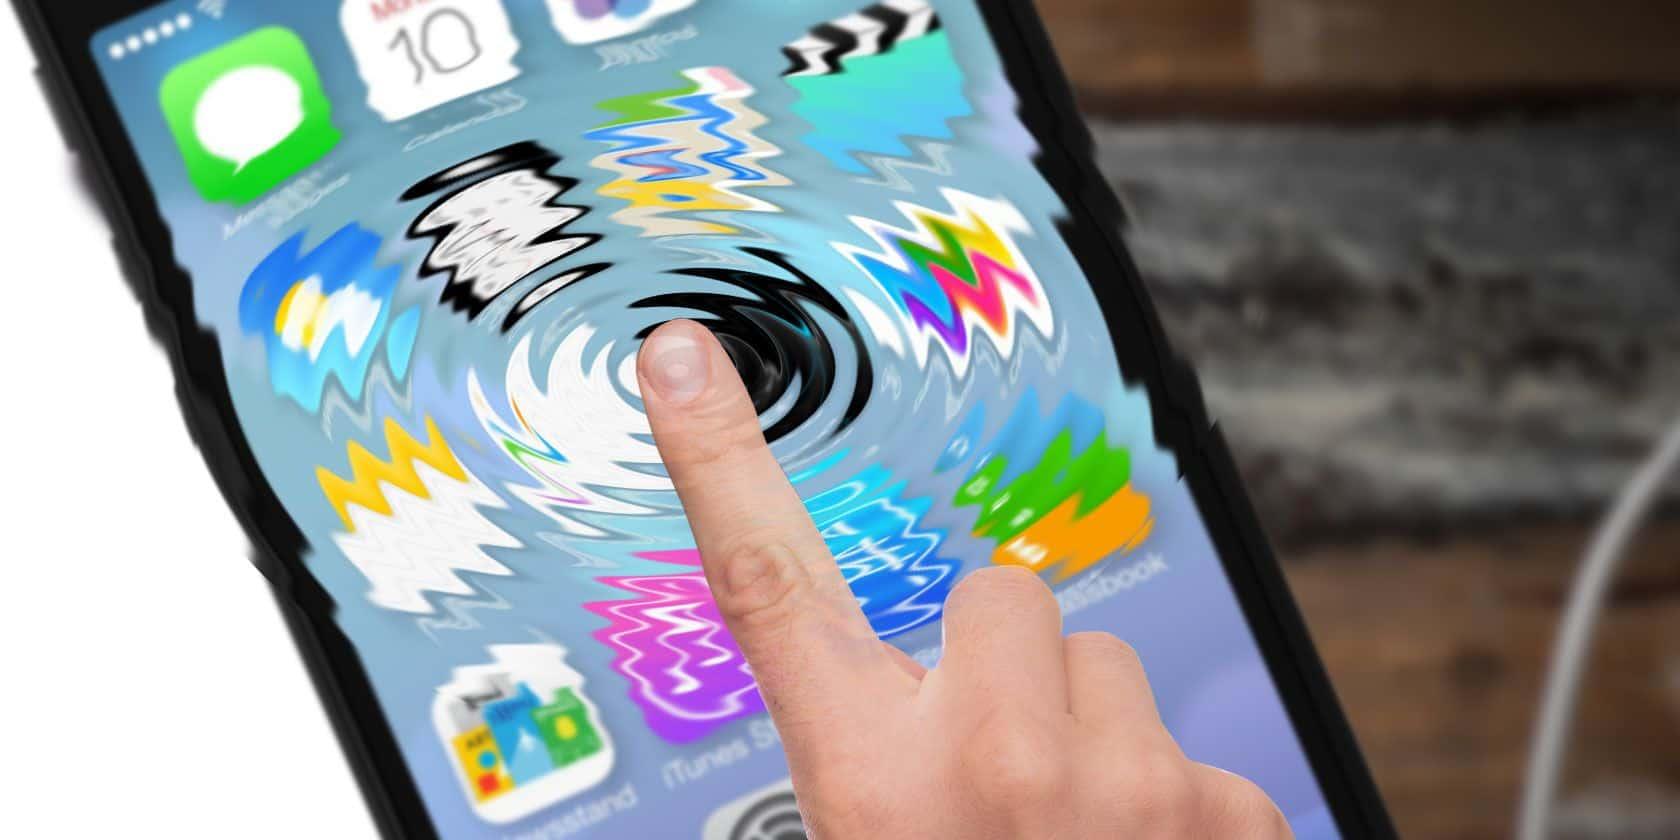 imagem 1 de Como bloquear o touch screen do Android durante a reprodução dos vídeos